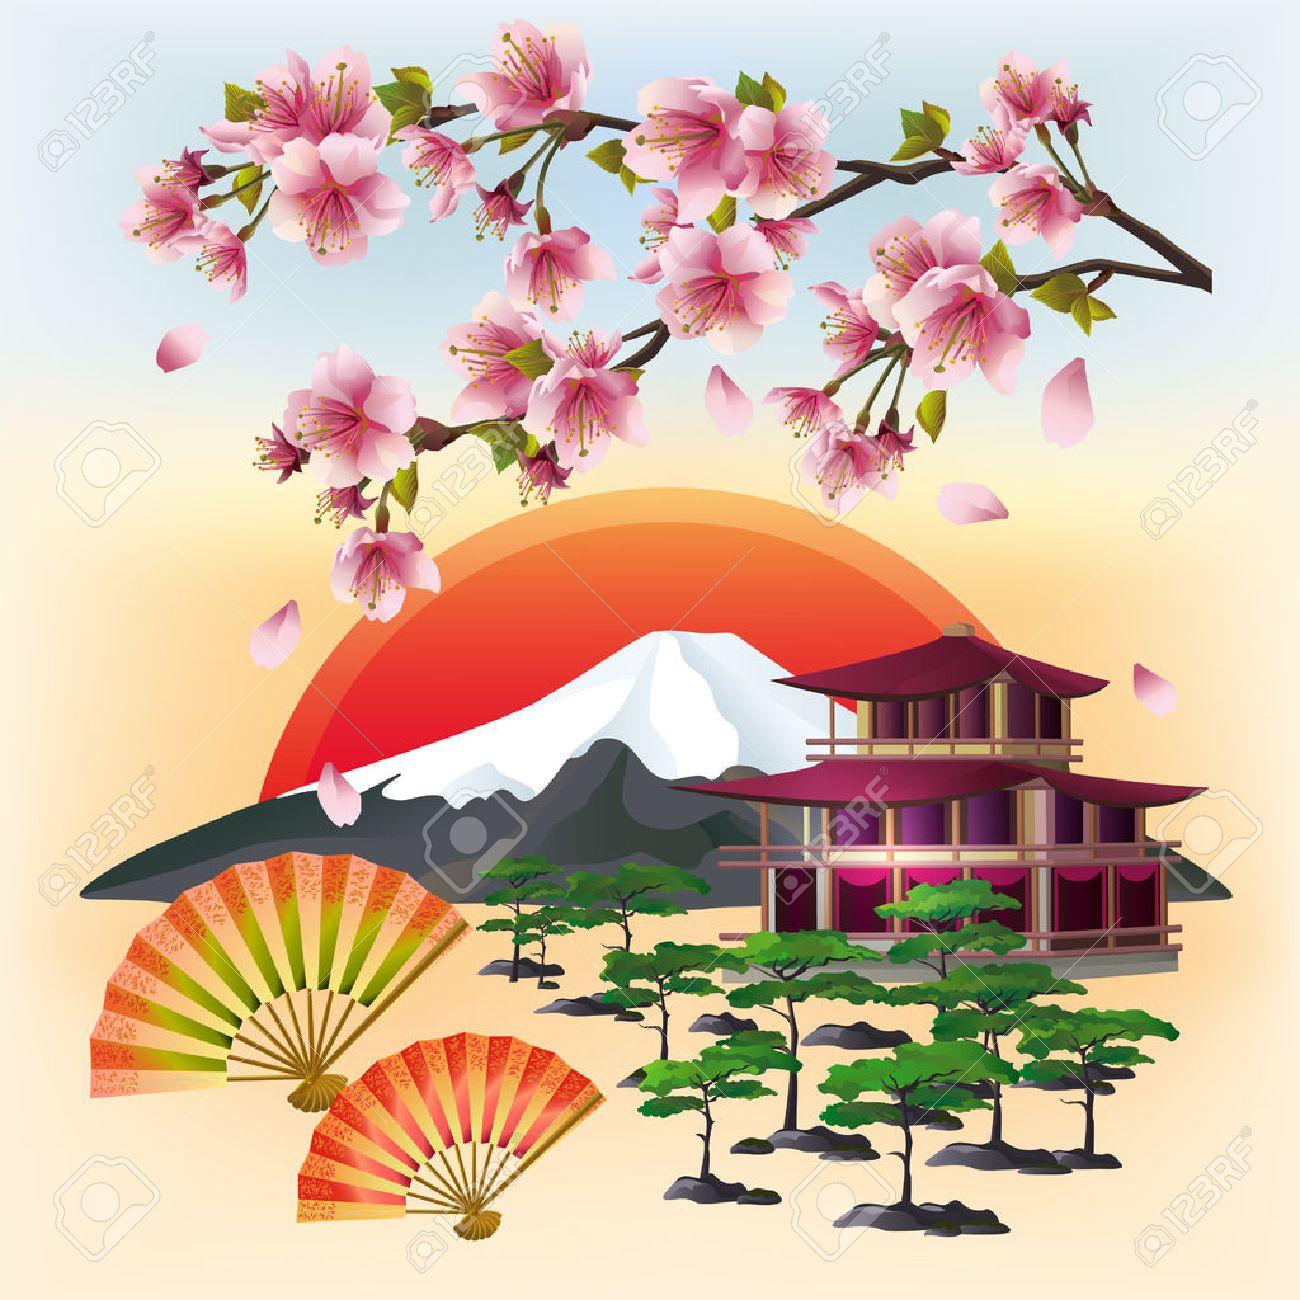 Fond Japonais Avec Sakura Fleur Cerisier Japonais Avec Des Petales